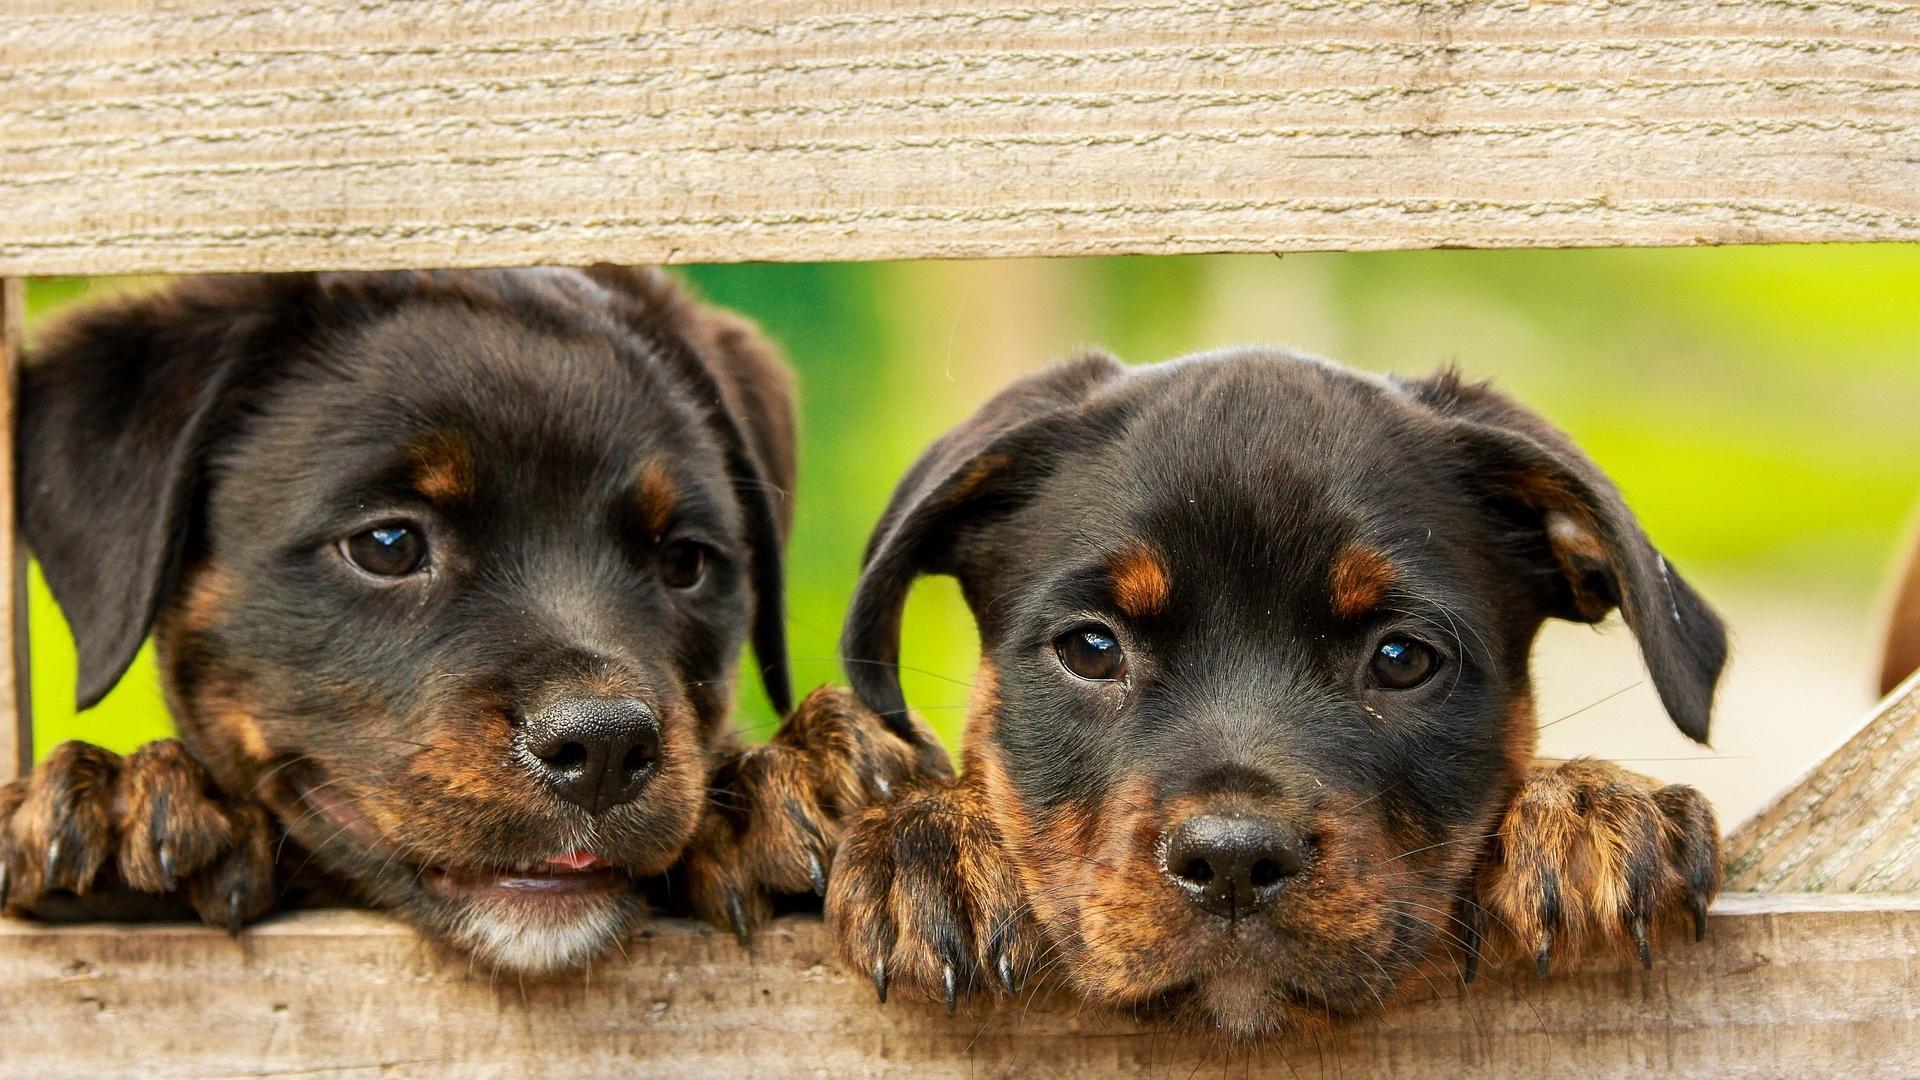 Millionen-Menschen-betroffen-Hundeprofi-Martin-R-tter-widerlegt-Mythos